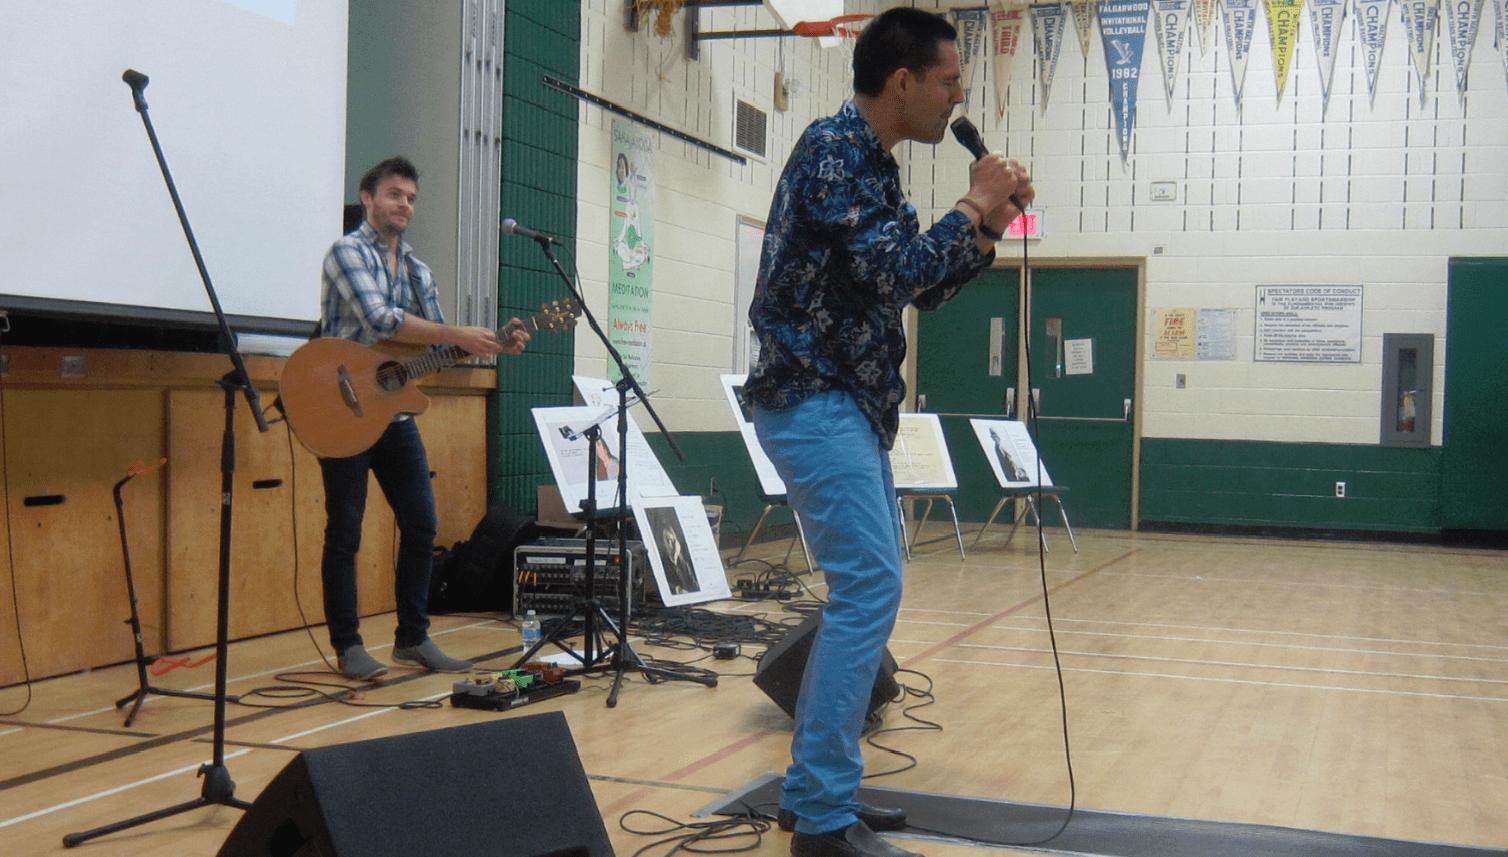 Yoann performs1